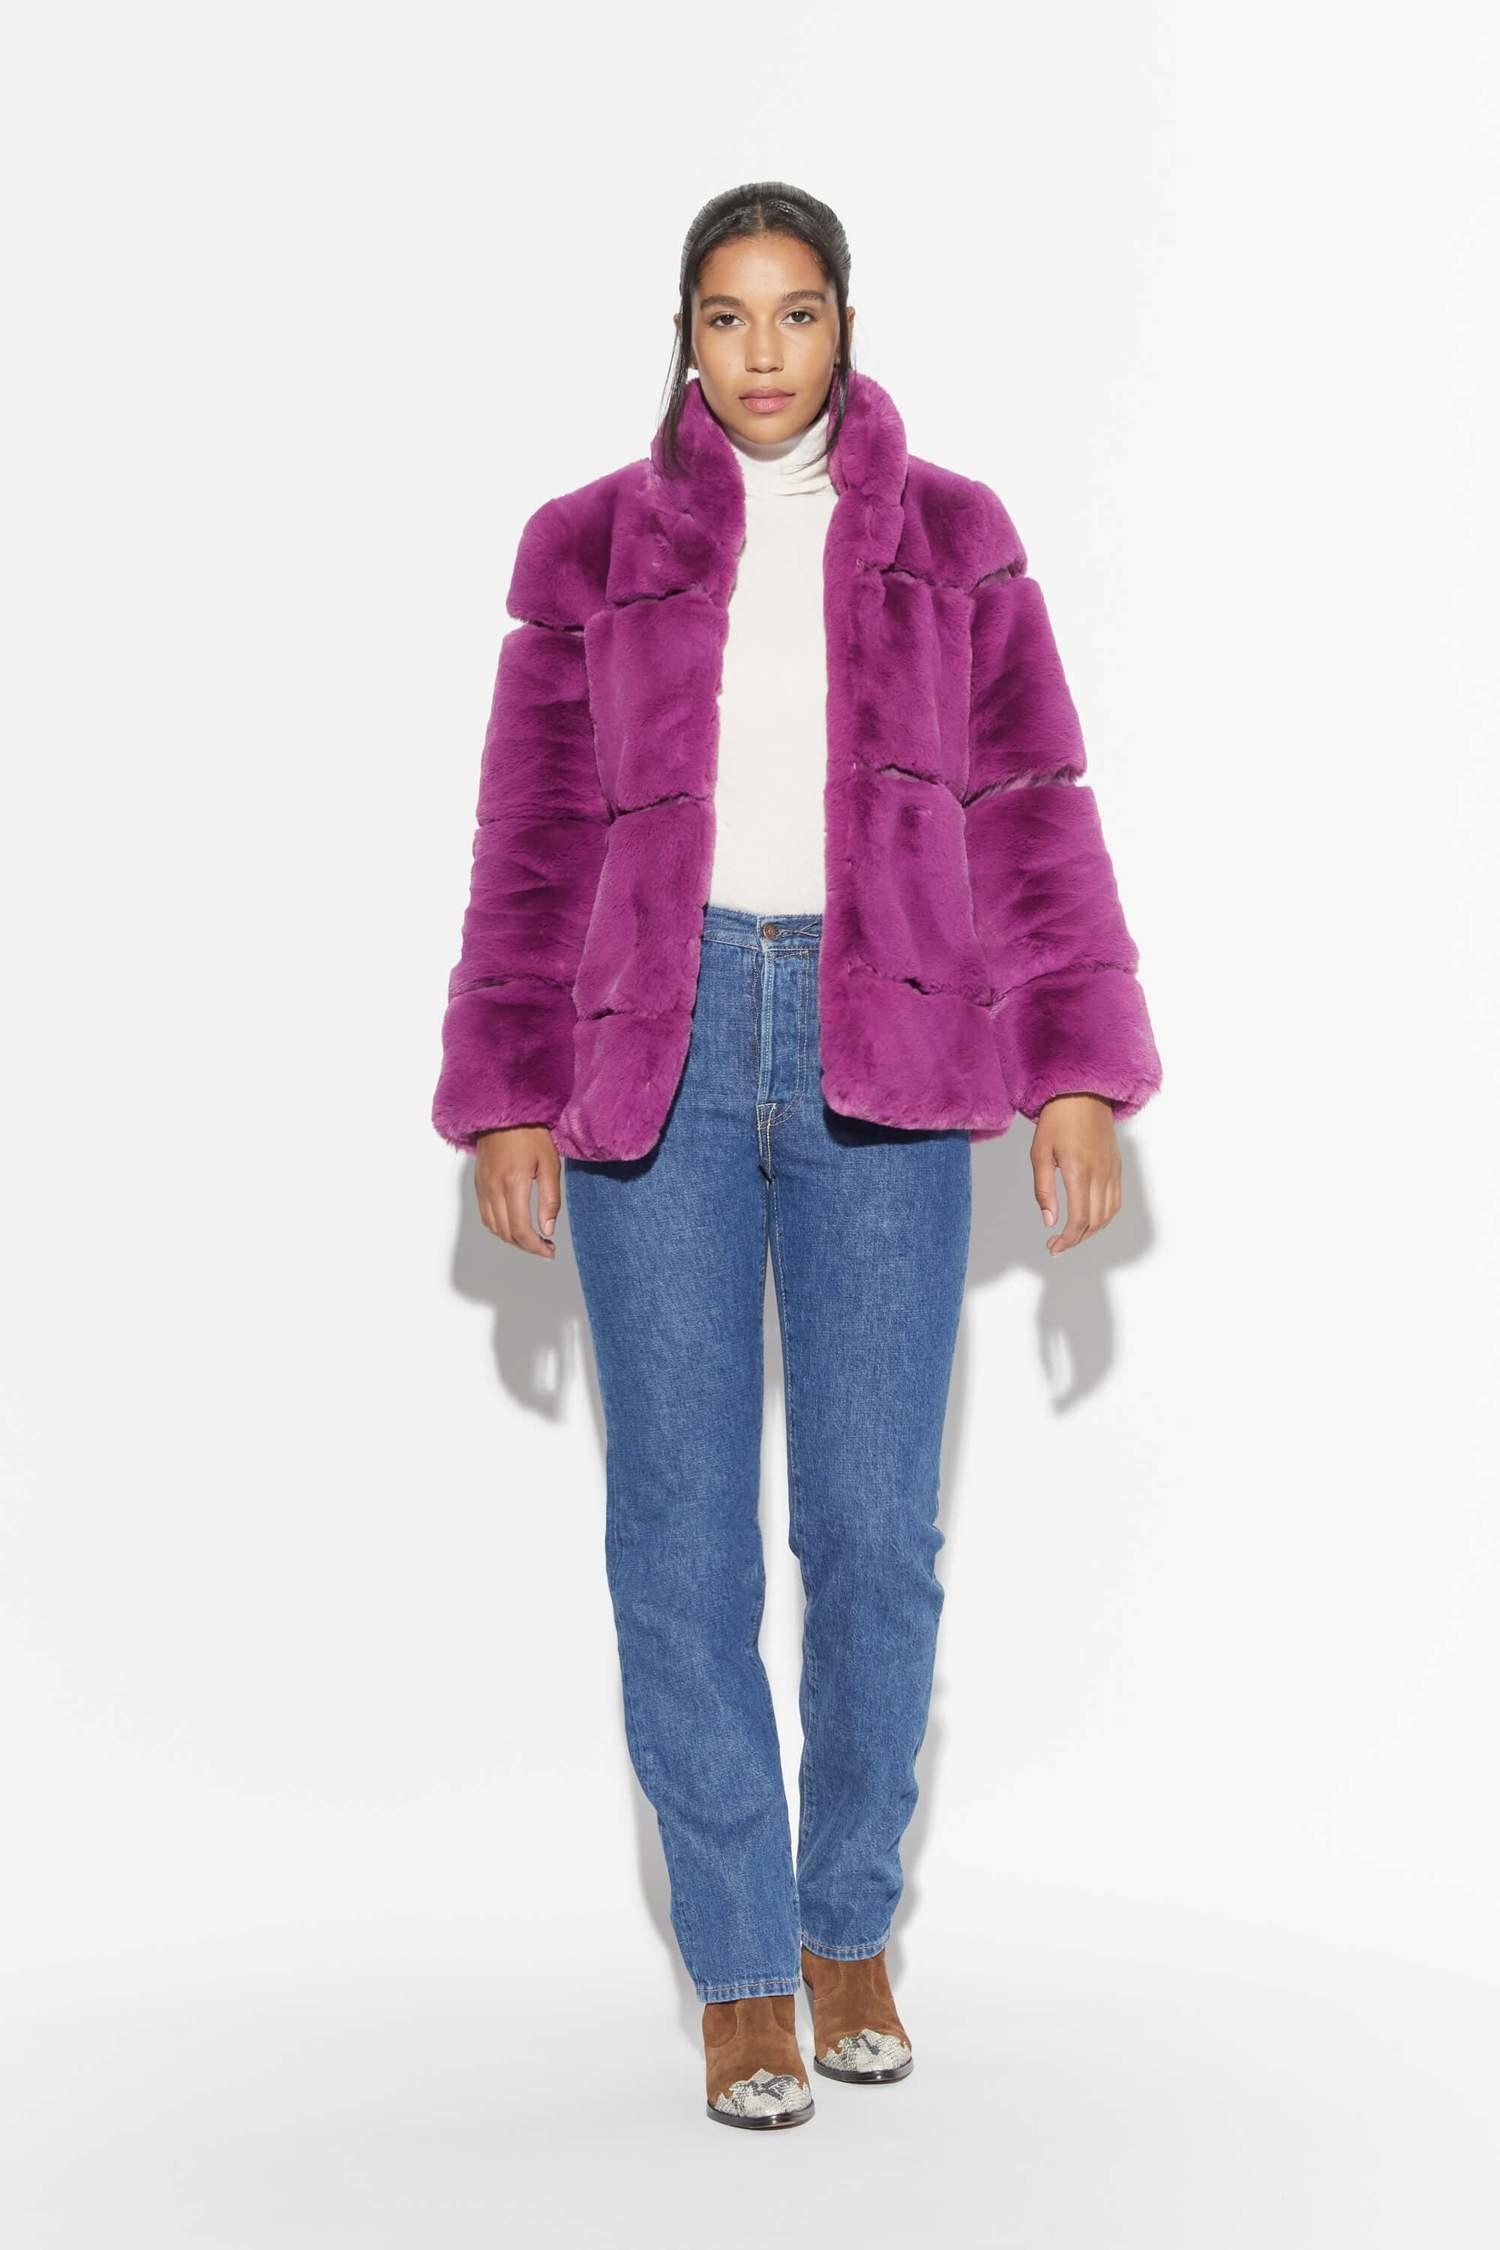 model wearing purple furry coat